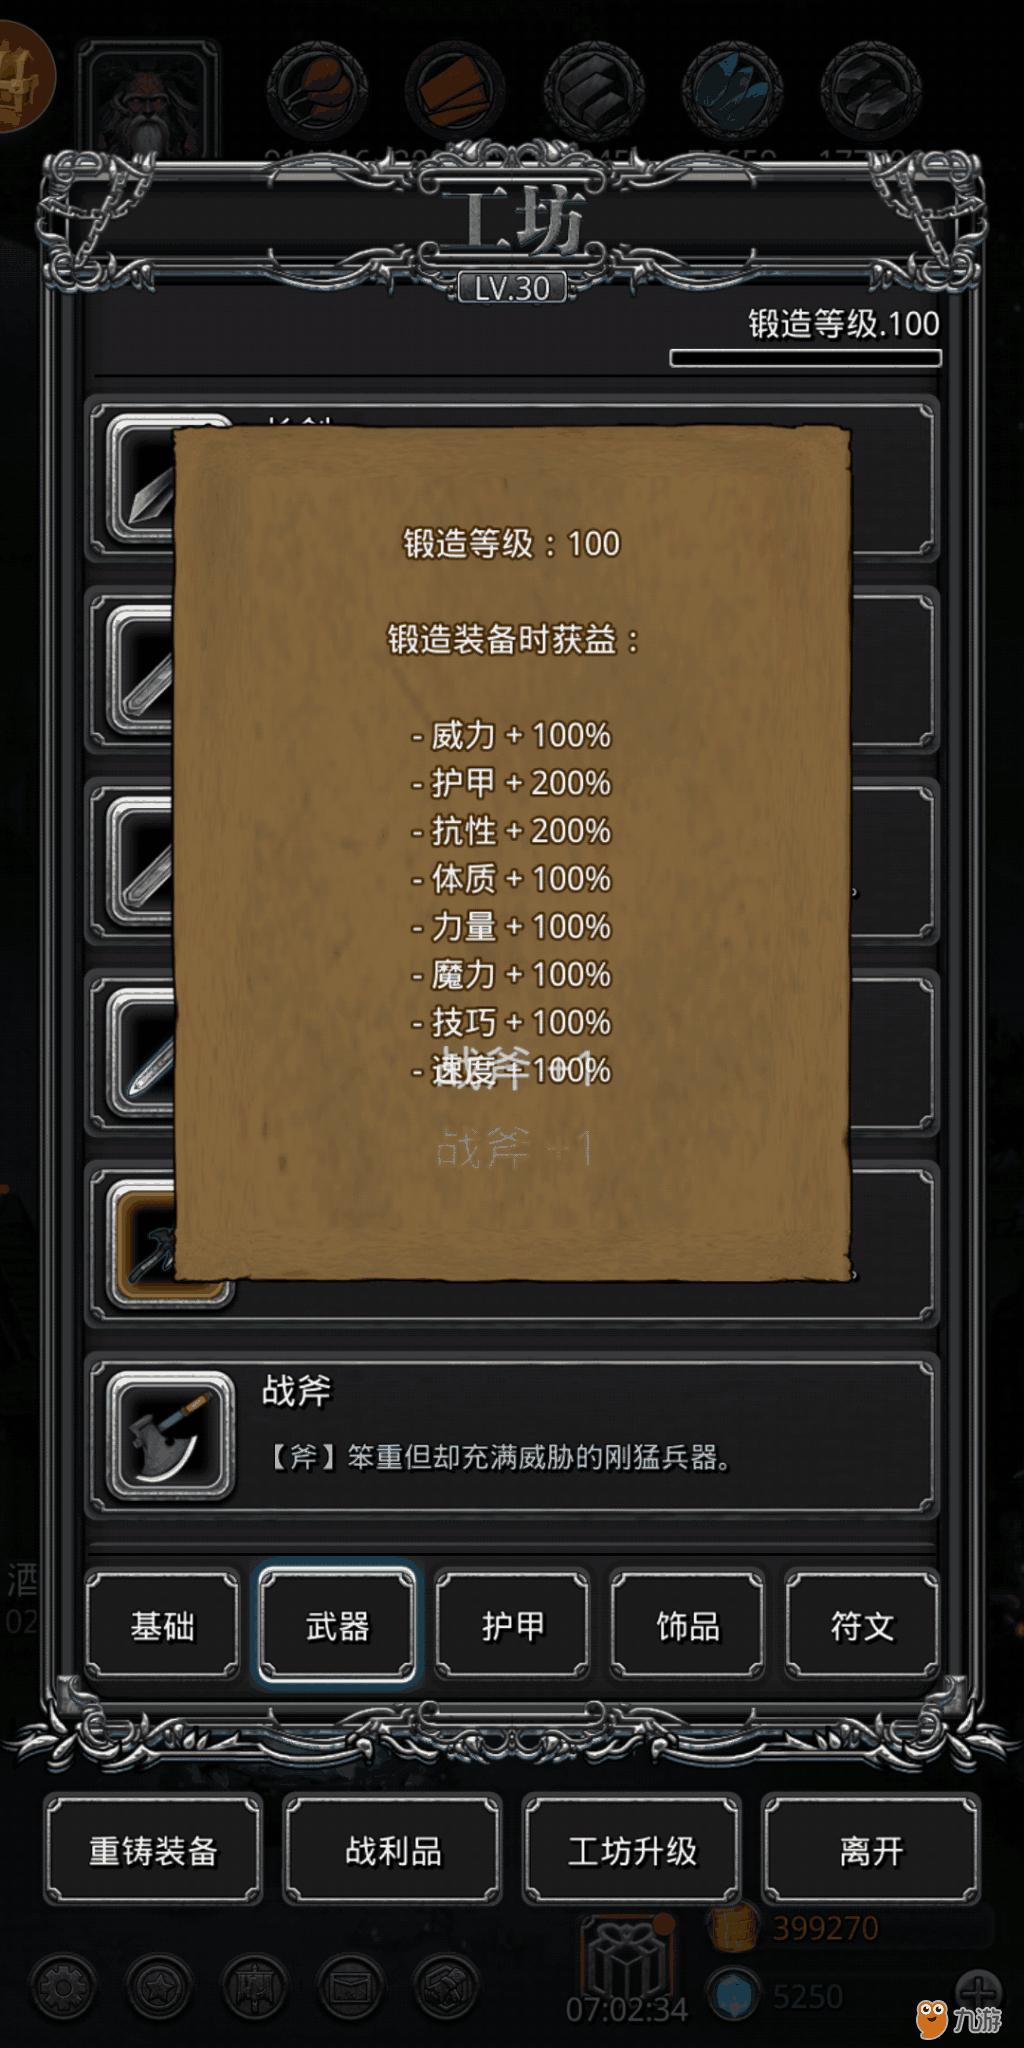 Screenshot_2018s07s13s16s57s26s953_com.taojin.dun.png